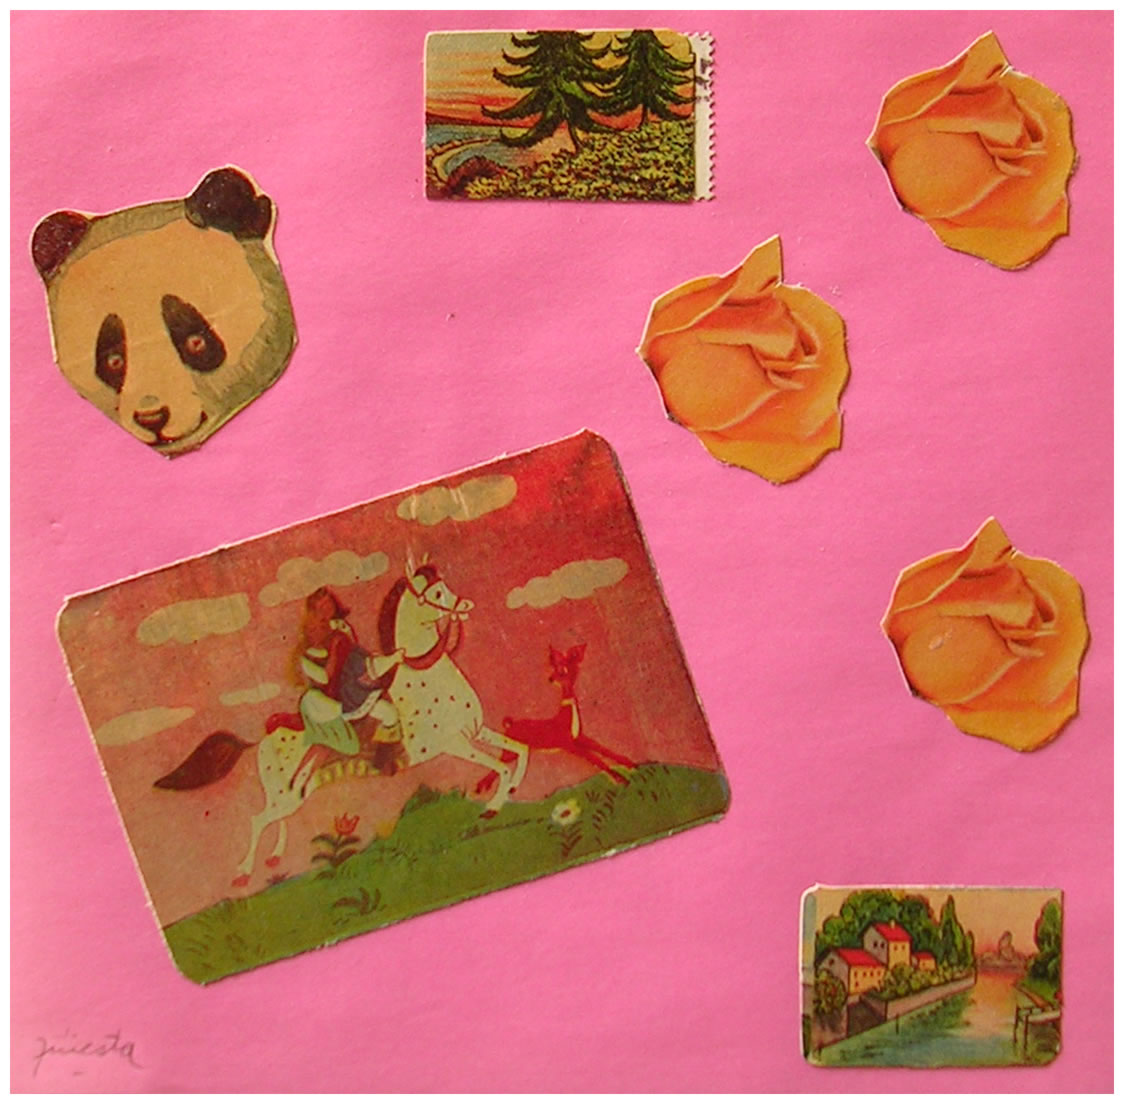 La cautiva,  papel collage, 15 cm x 15 cm, 1999